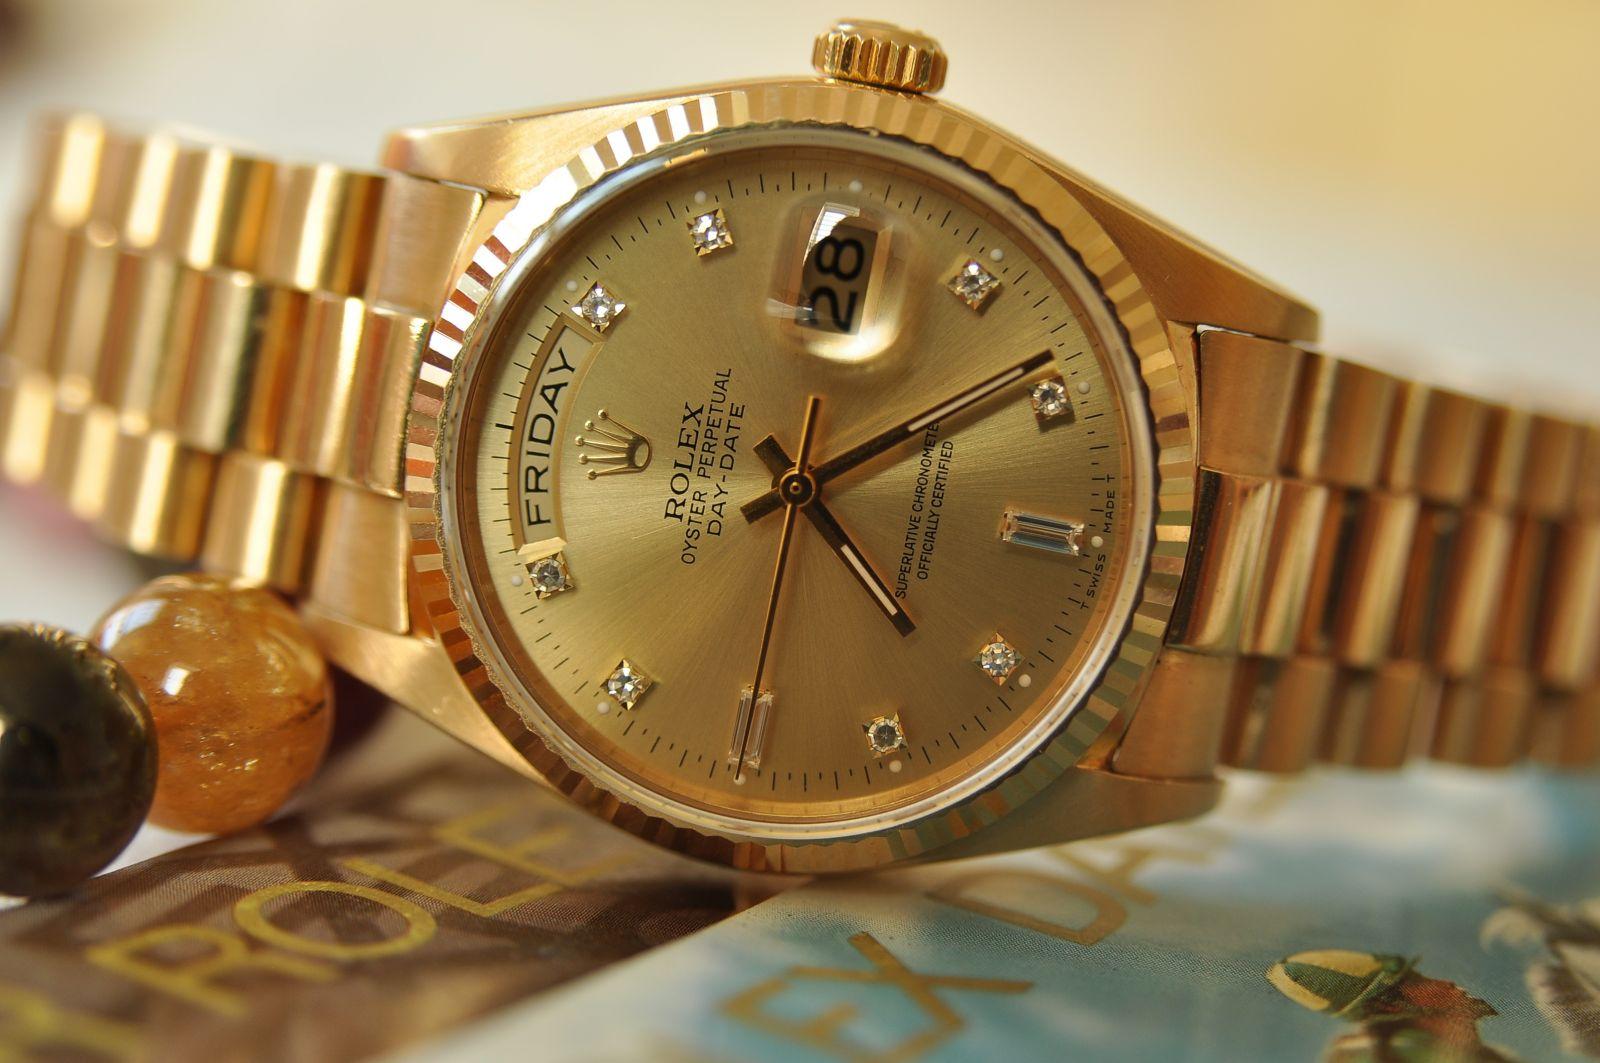 Đồng hồ Rolex bằng vàng có đặc điểm gì?